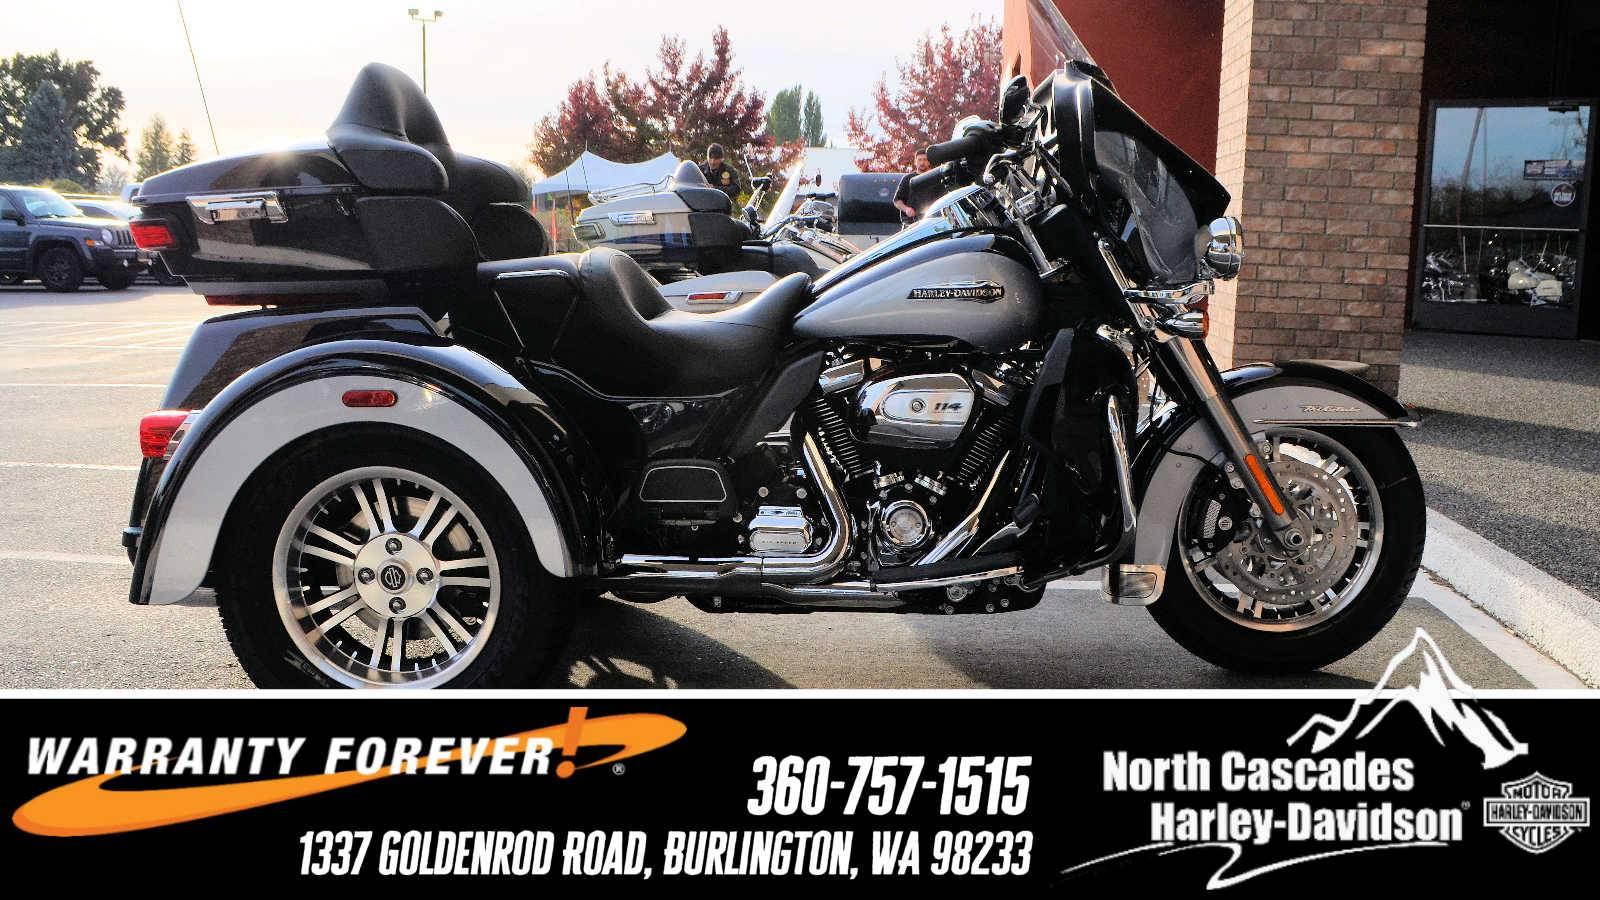 2019 Harley-Davidson Tri Glide® Ultra in Burlington, Washington